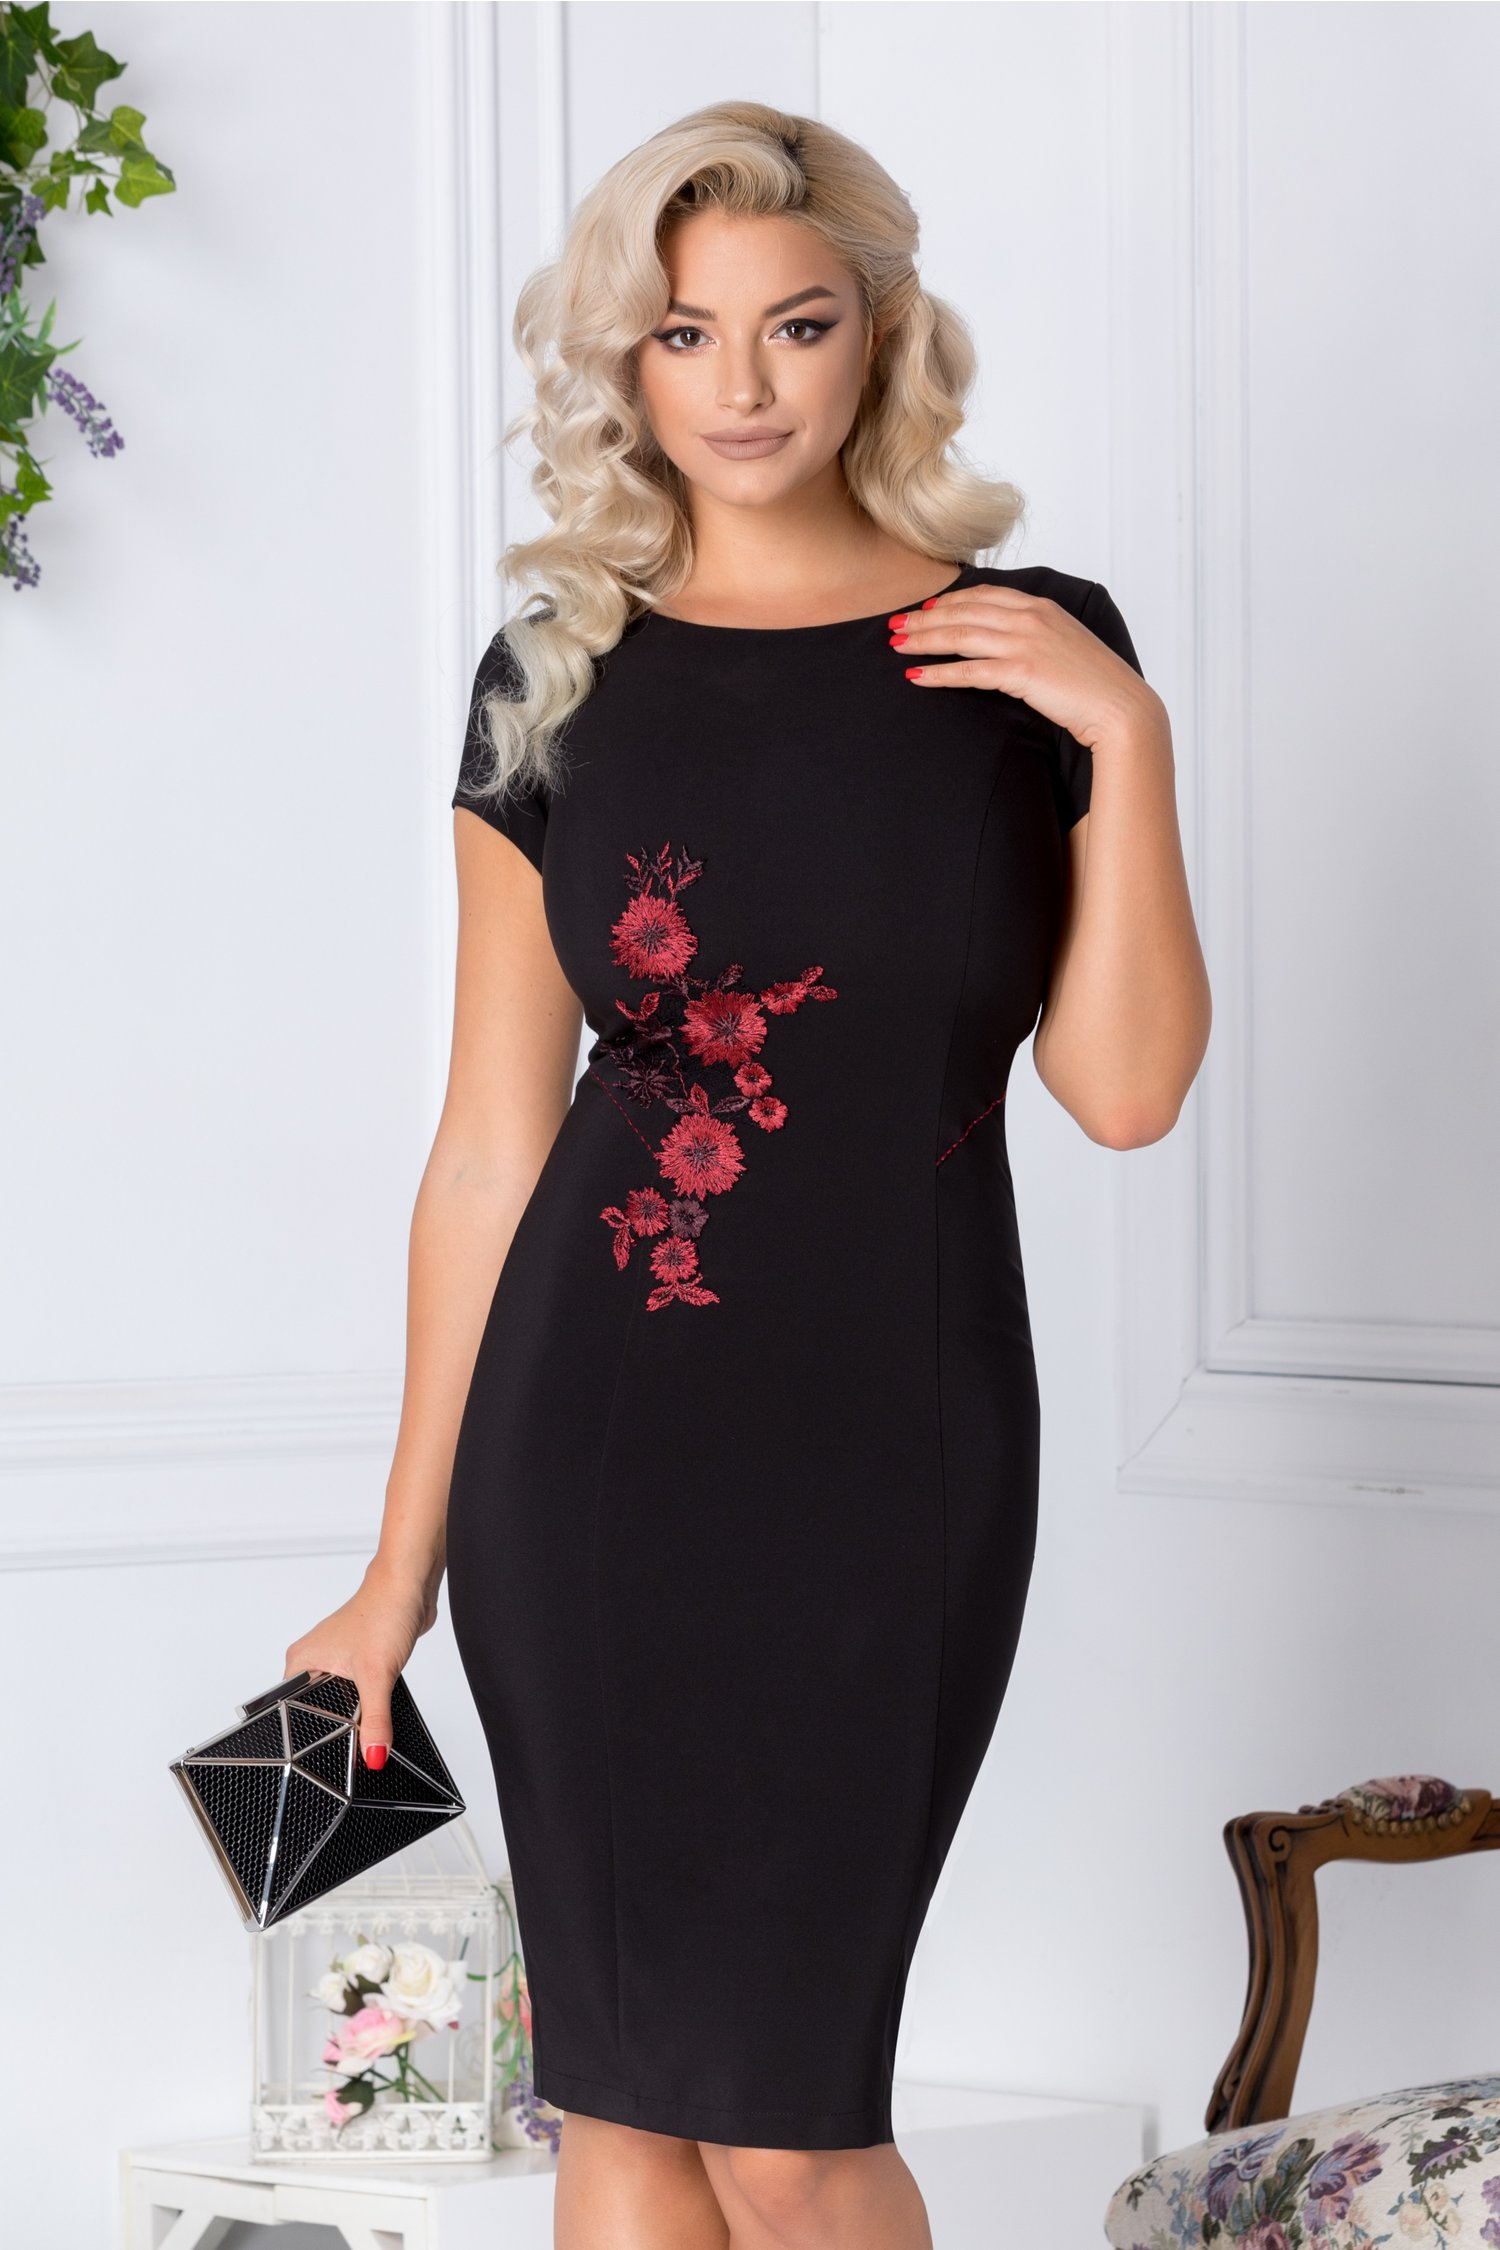 Rochie LaDonna conica neagra cu broderie florala bordo